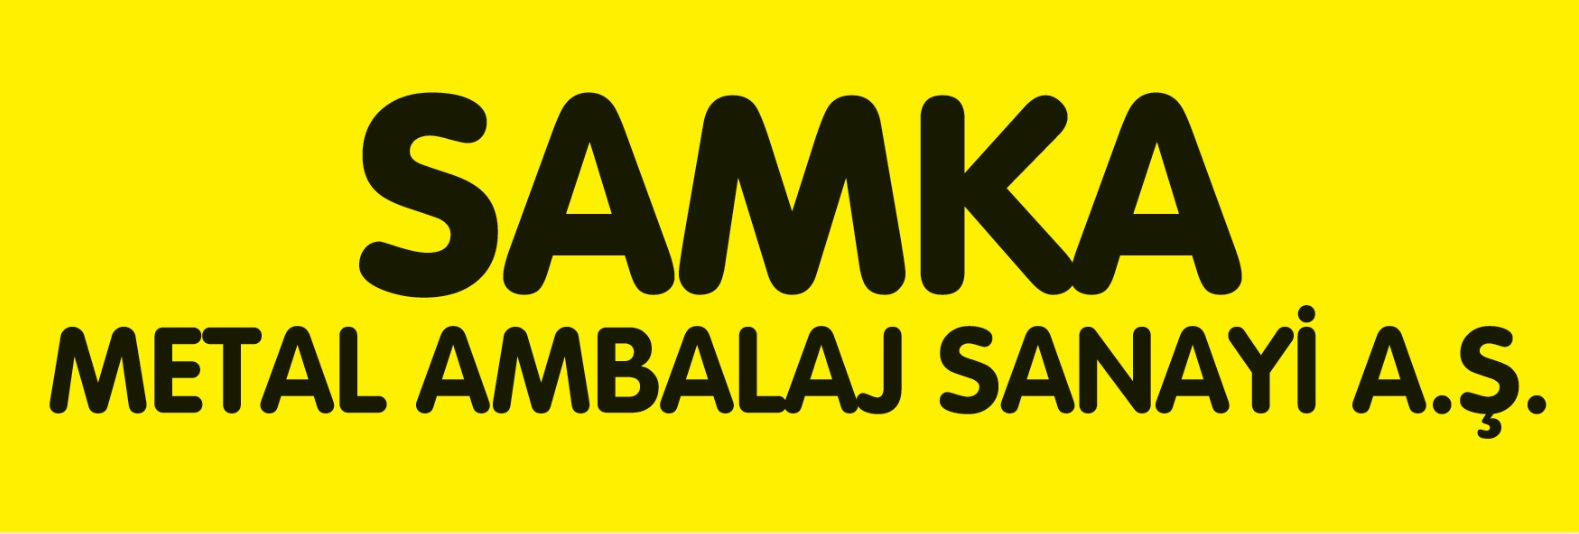 Samka Metal Ambalaj iş ilanları